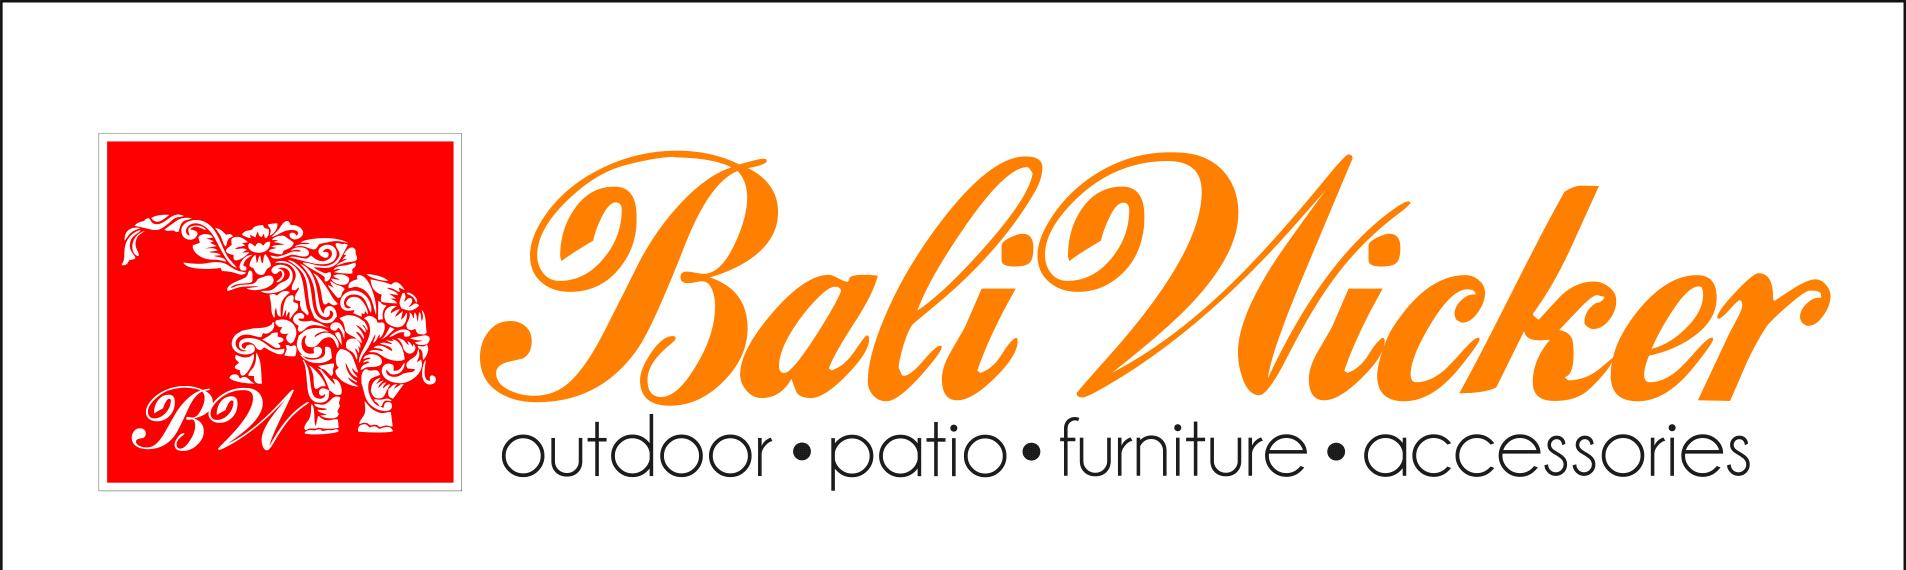 Bali Wicker